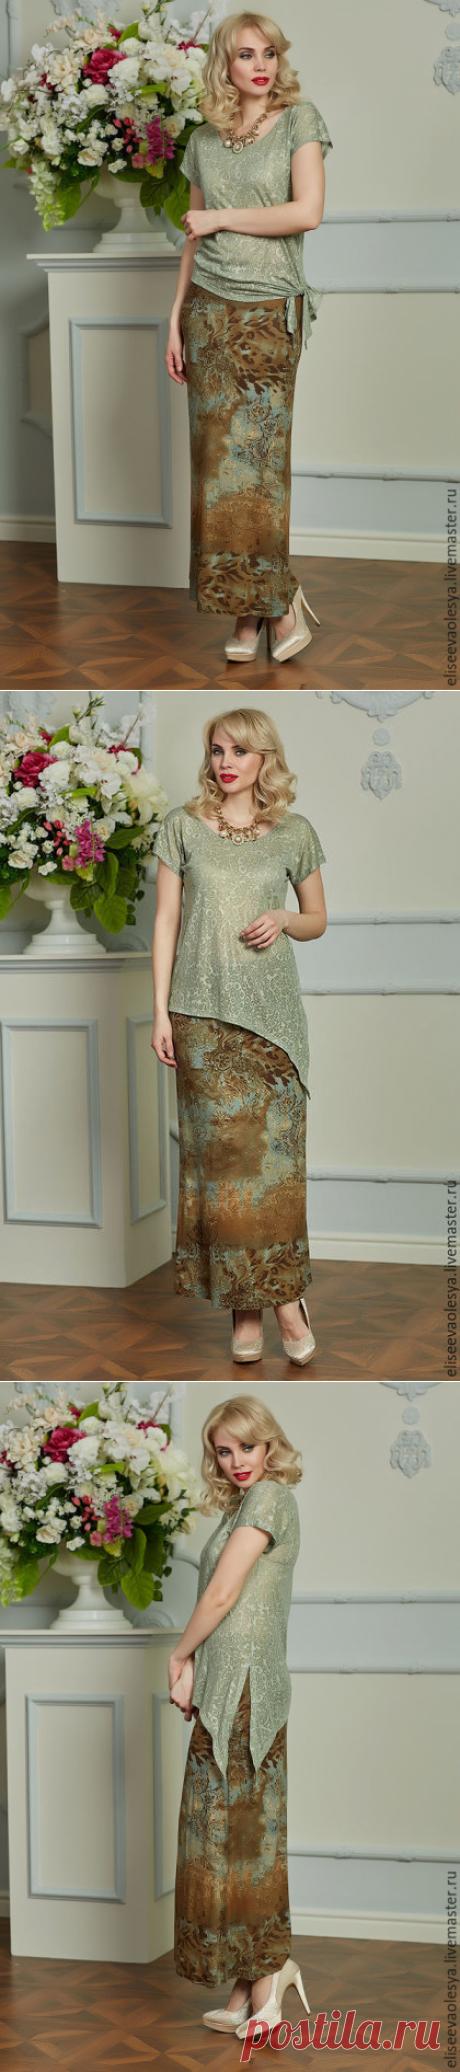 Купить Блуза с асимметричным низом 25033 - оливковый, большие размеры, женственность, женственный стиль